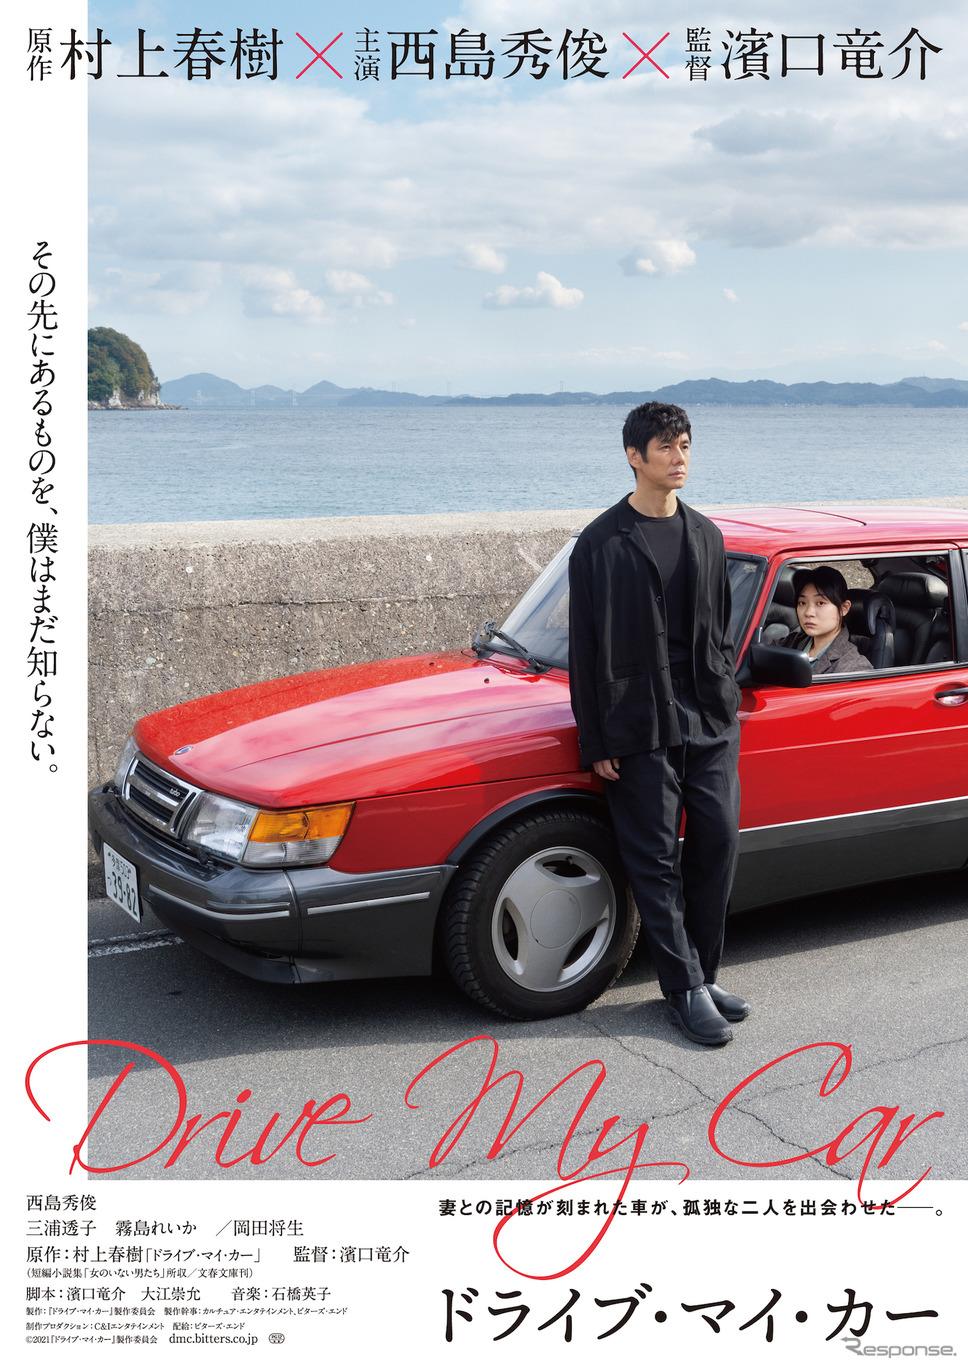 『ドライブ・マイ・カー』 (c) 2021『ドライブ・マイ・カー』製作委員会